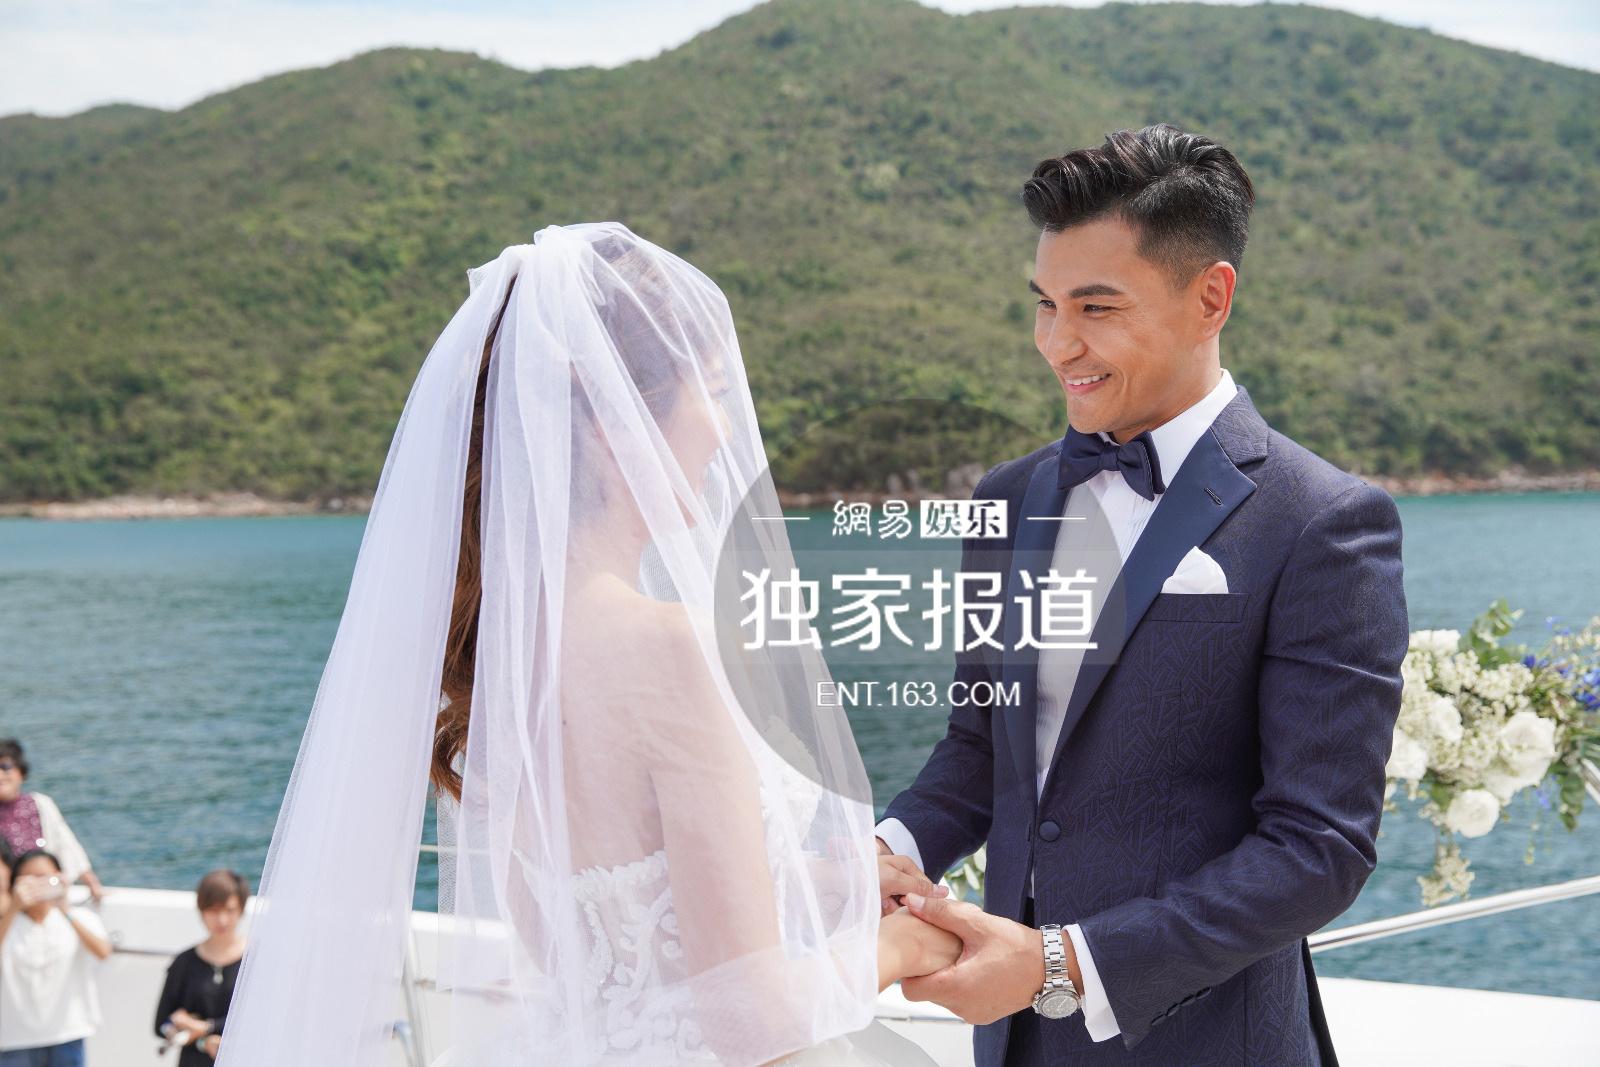 TVB视帝陈展鹏迎娶单文柔. 海上浪漫行礼